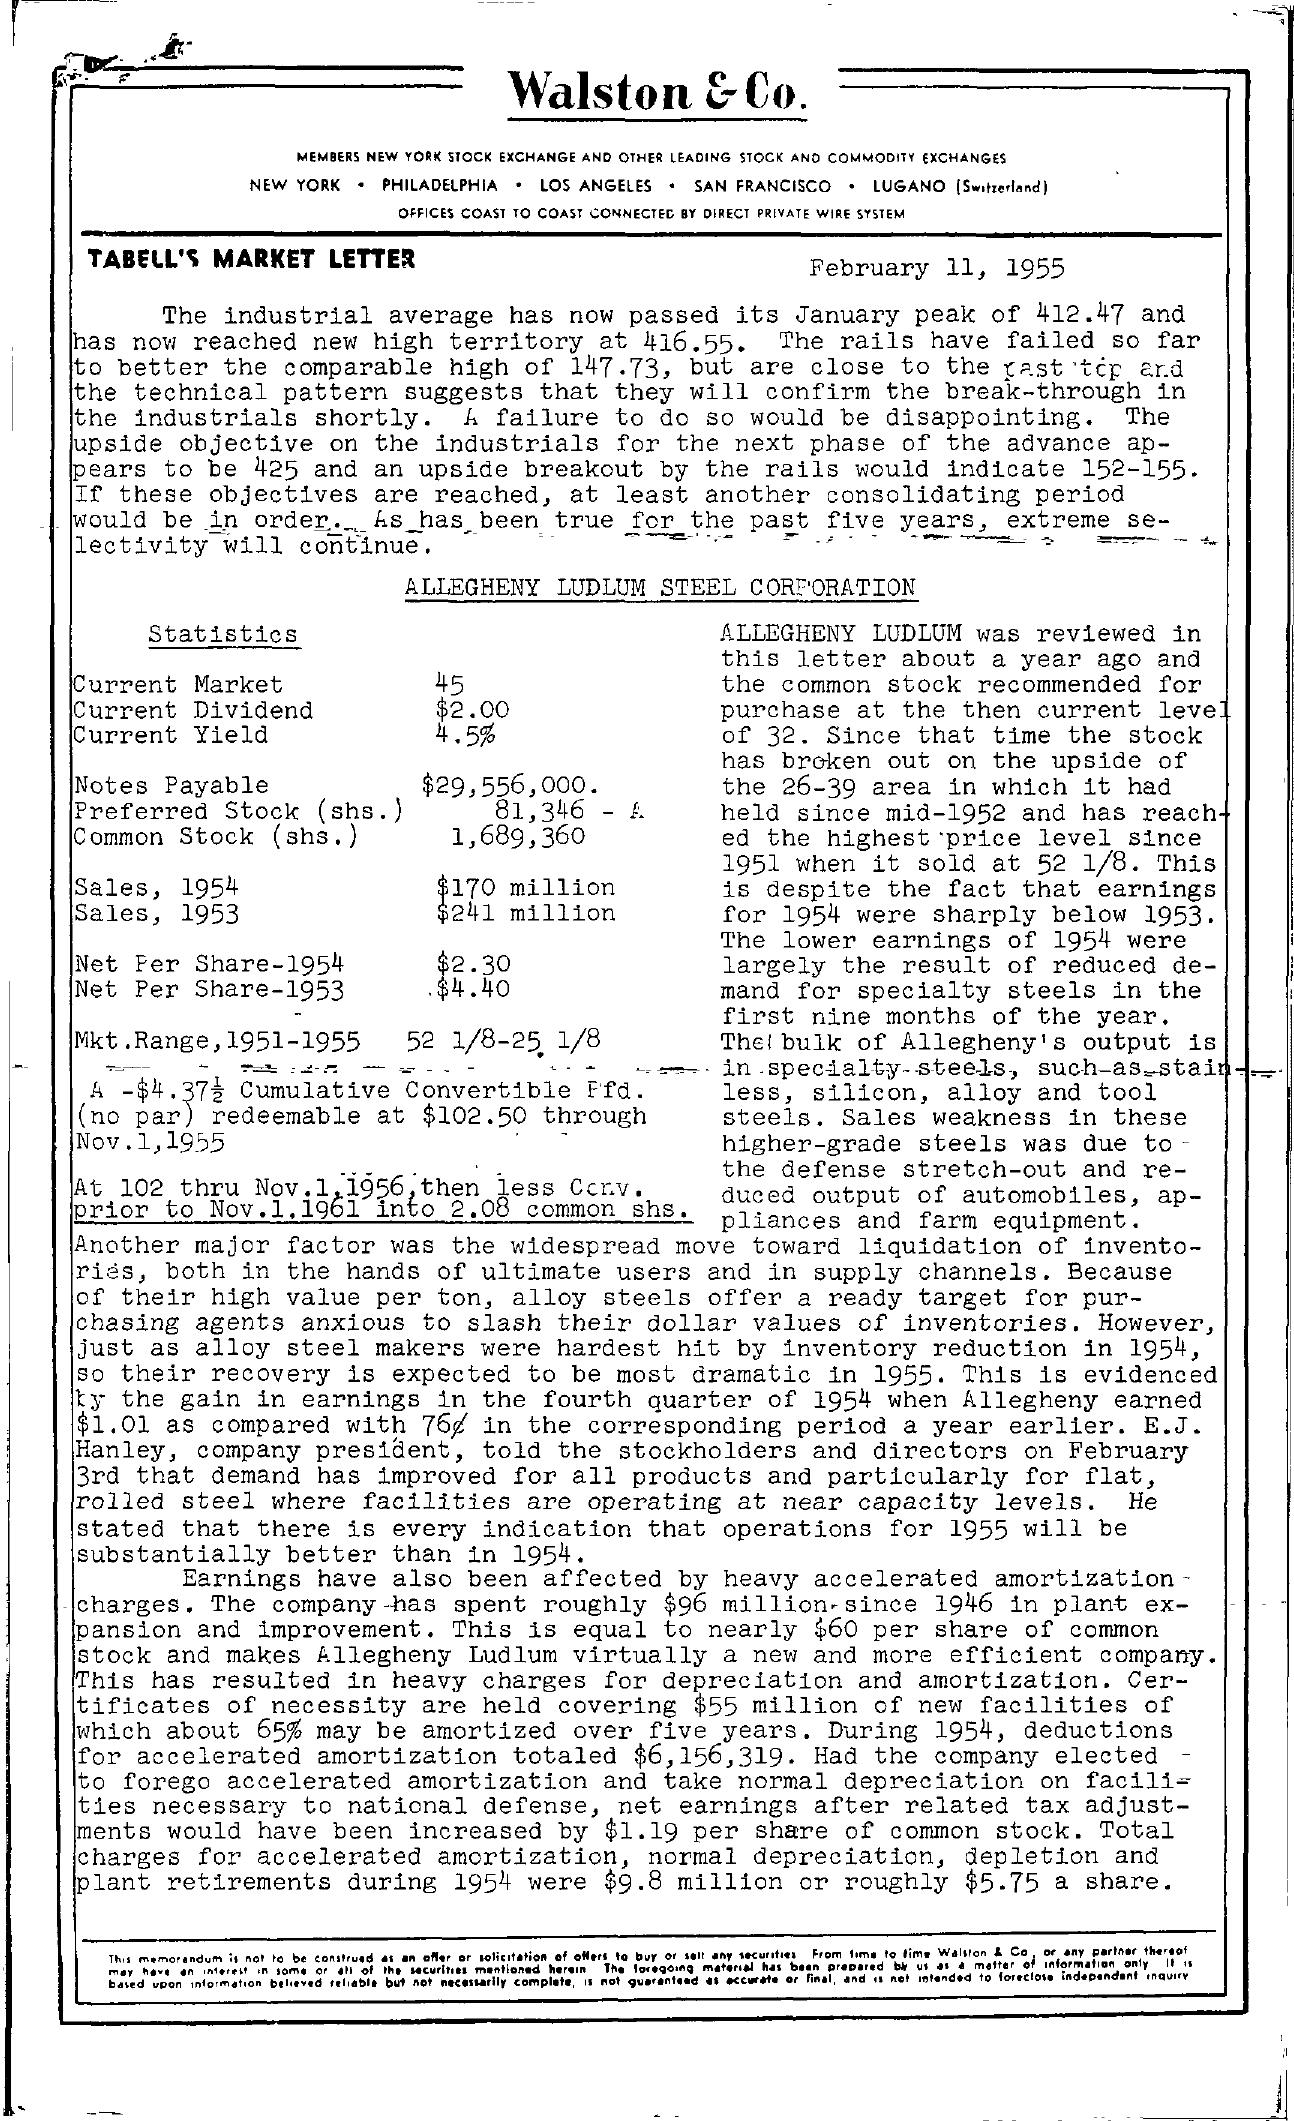 Tabell's Market Letter - February 11, 1955